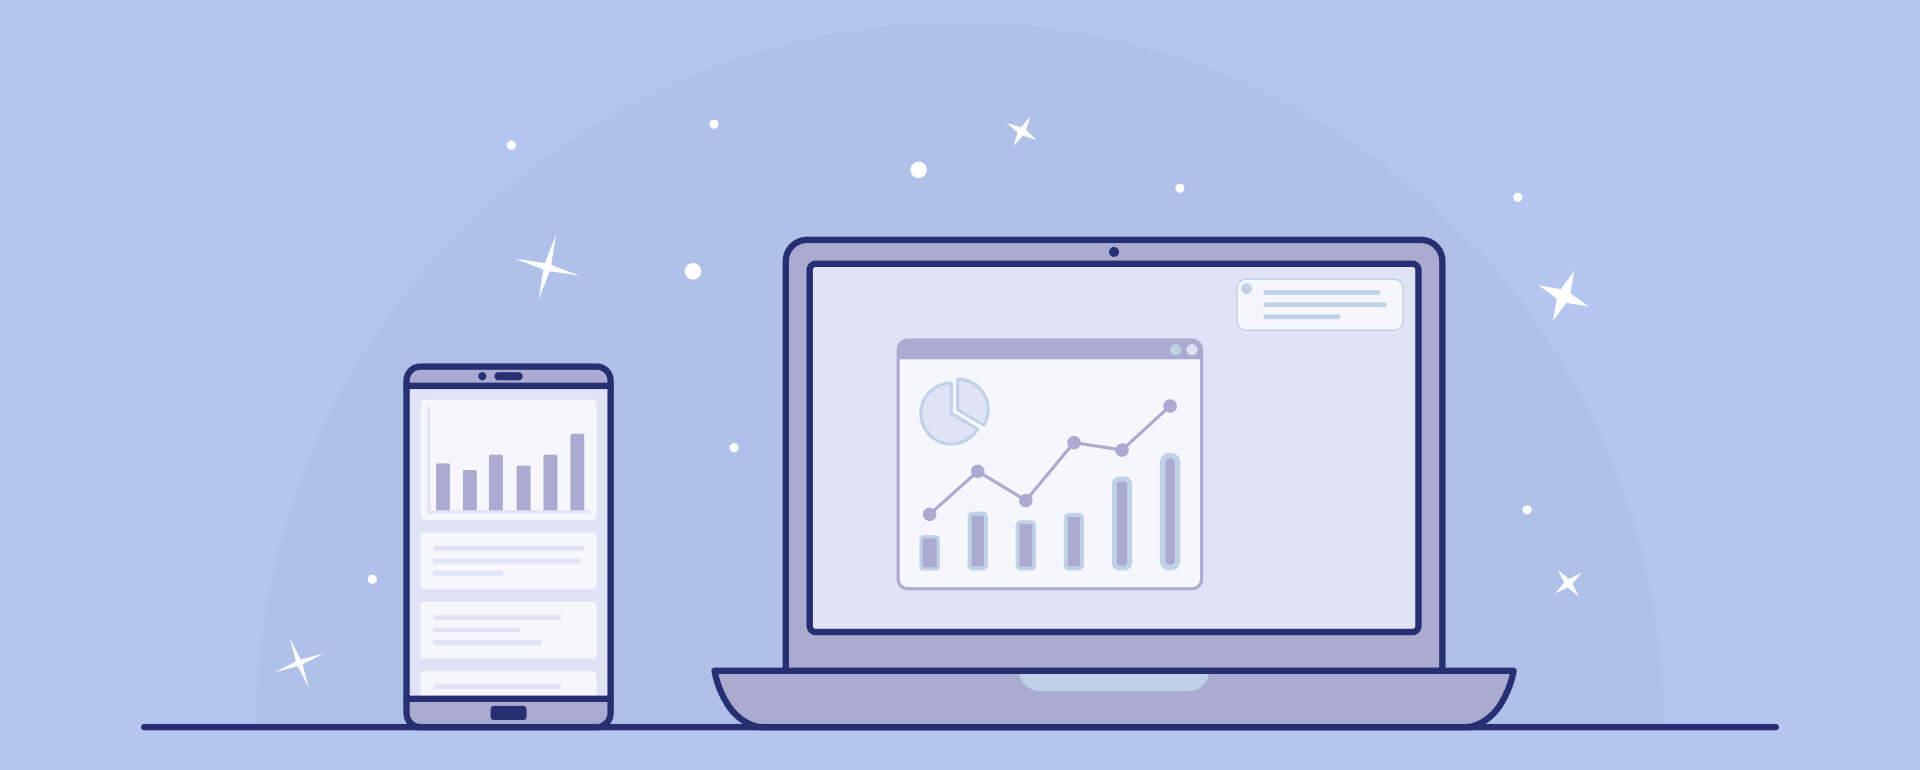 SEO Tipps - Website Optimierung